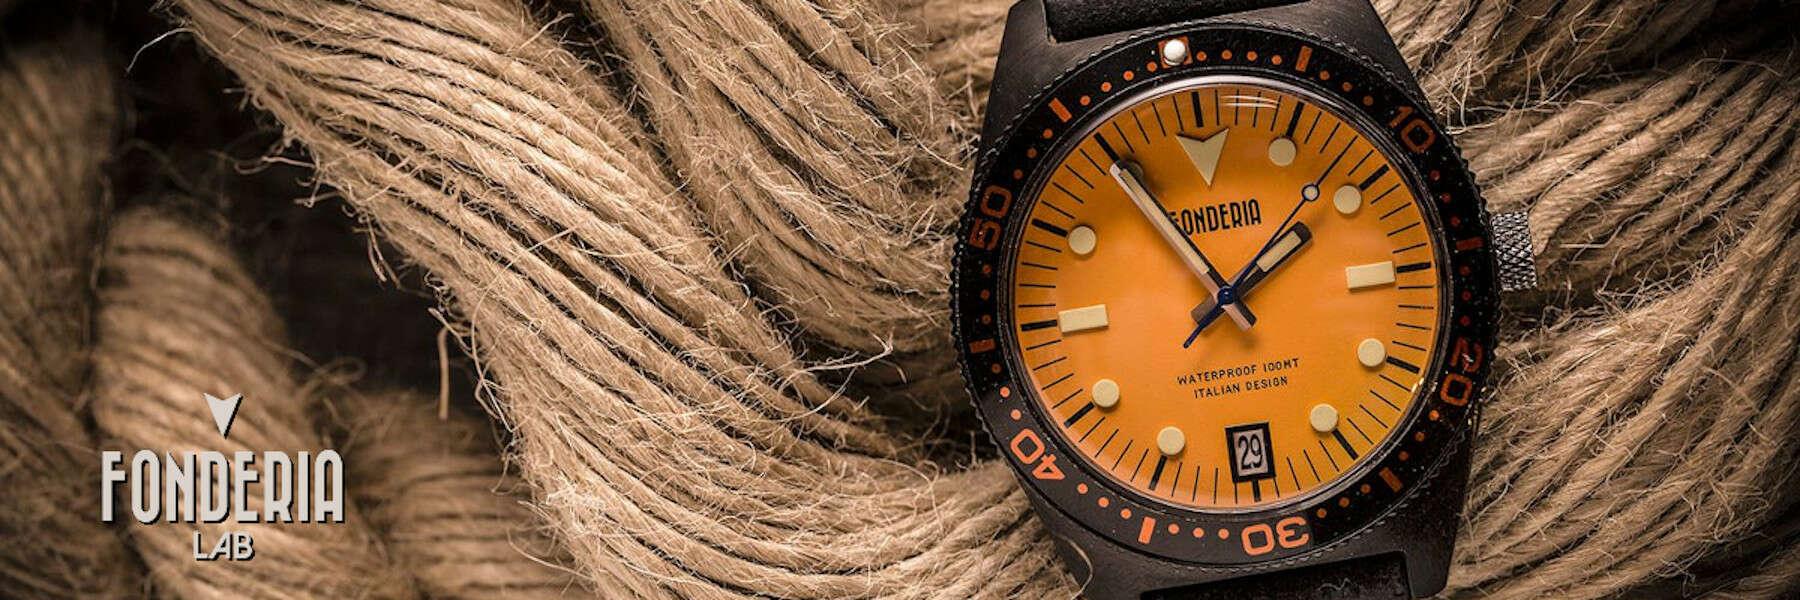 Uhren Daniel Heckmann - Fonderia